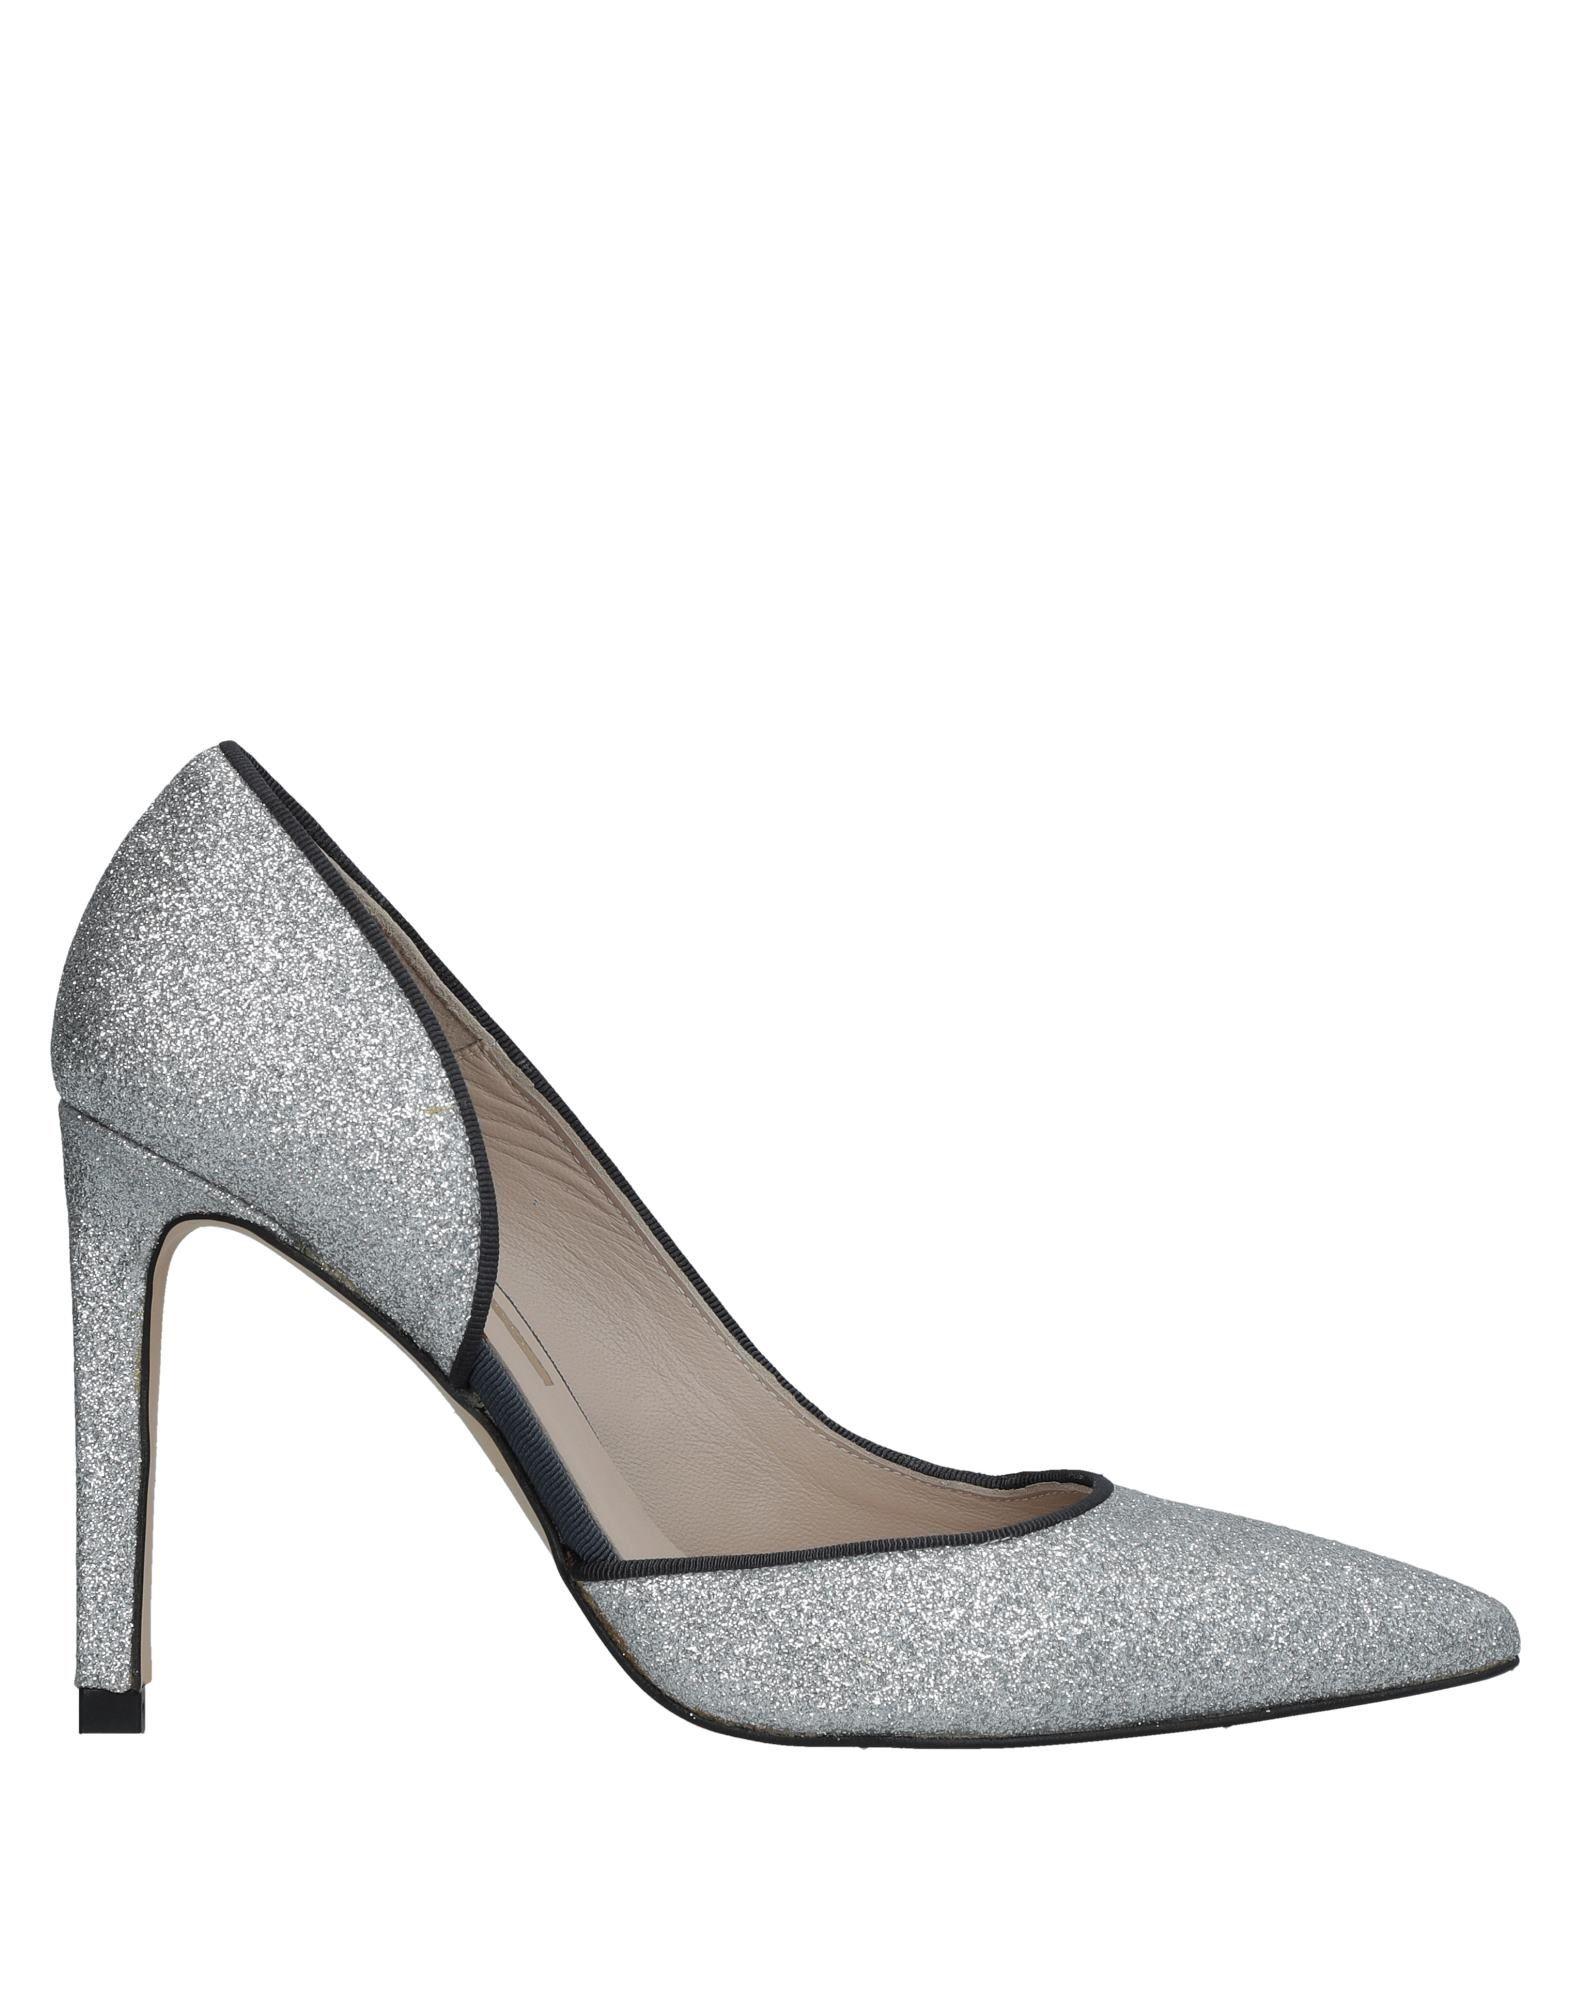 Mocassino Todai offerte Donna - 11480622OE Nuove offerte Todai e scarpe comode a2f2c9